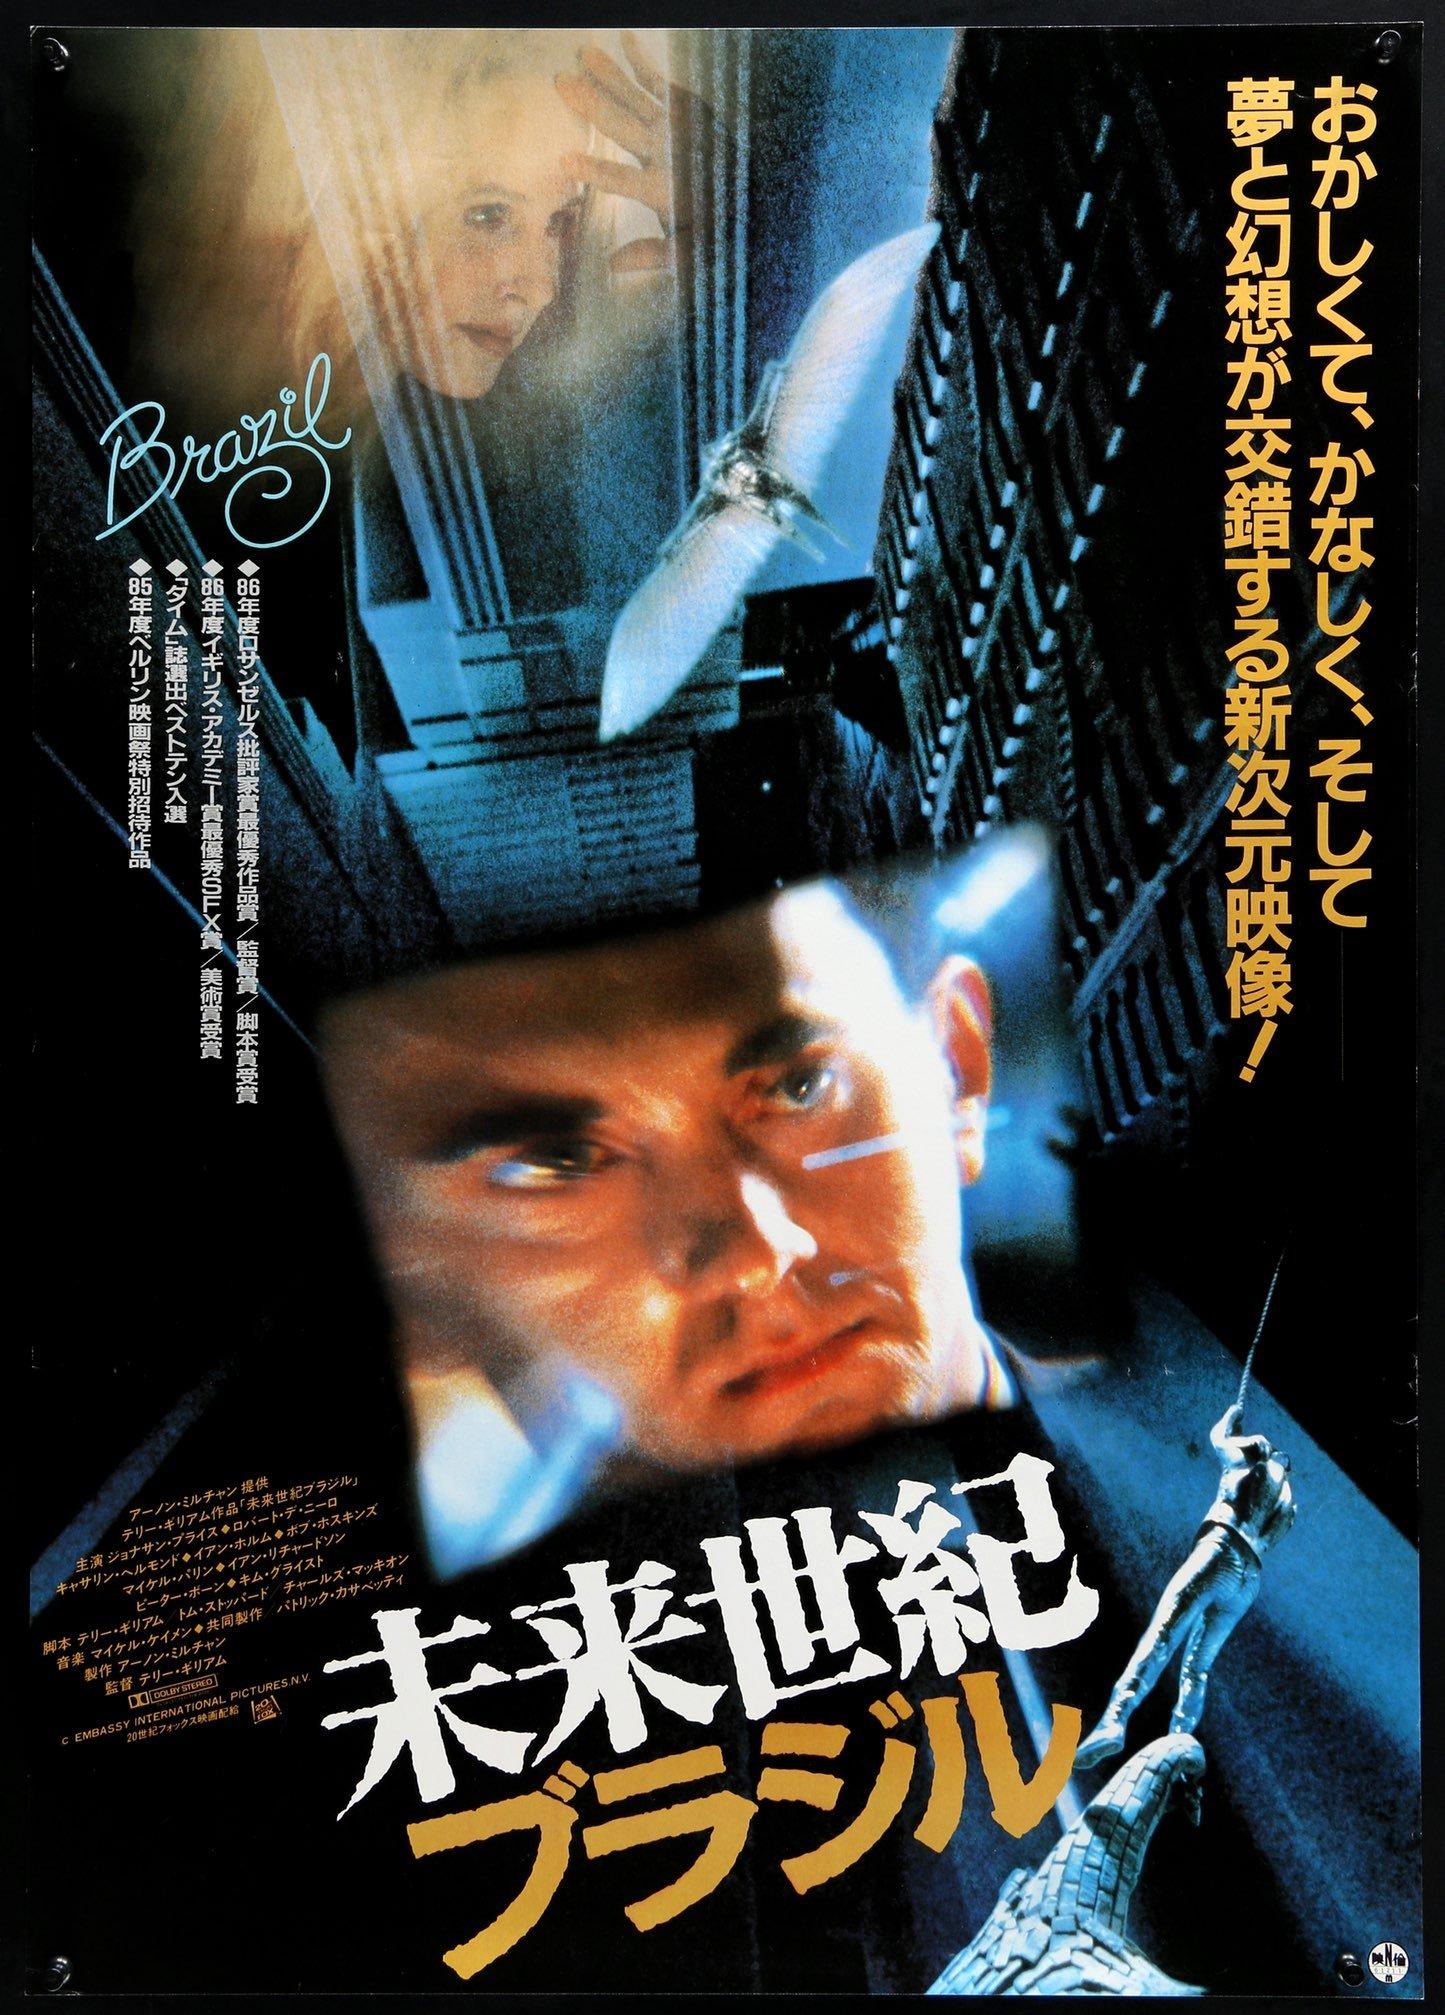 Brazil Japanese poster